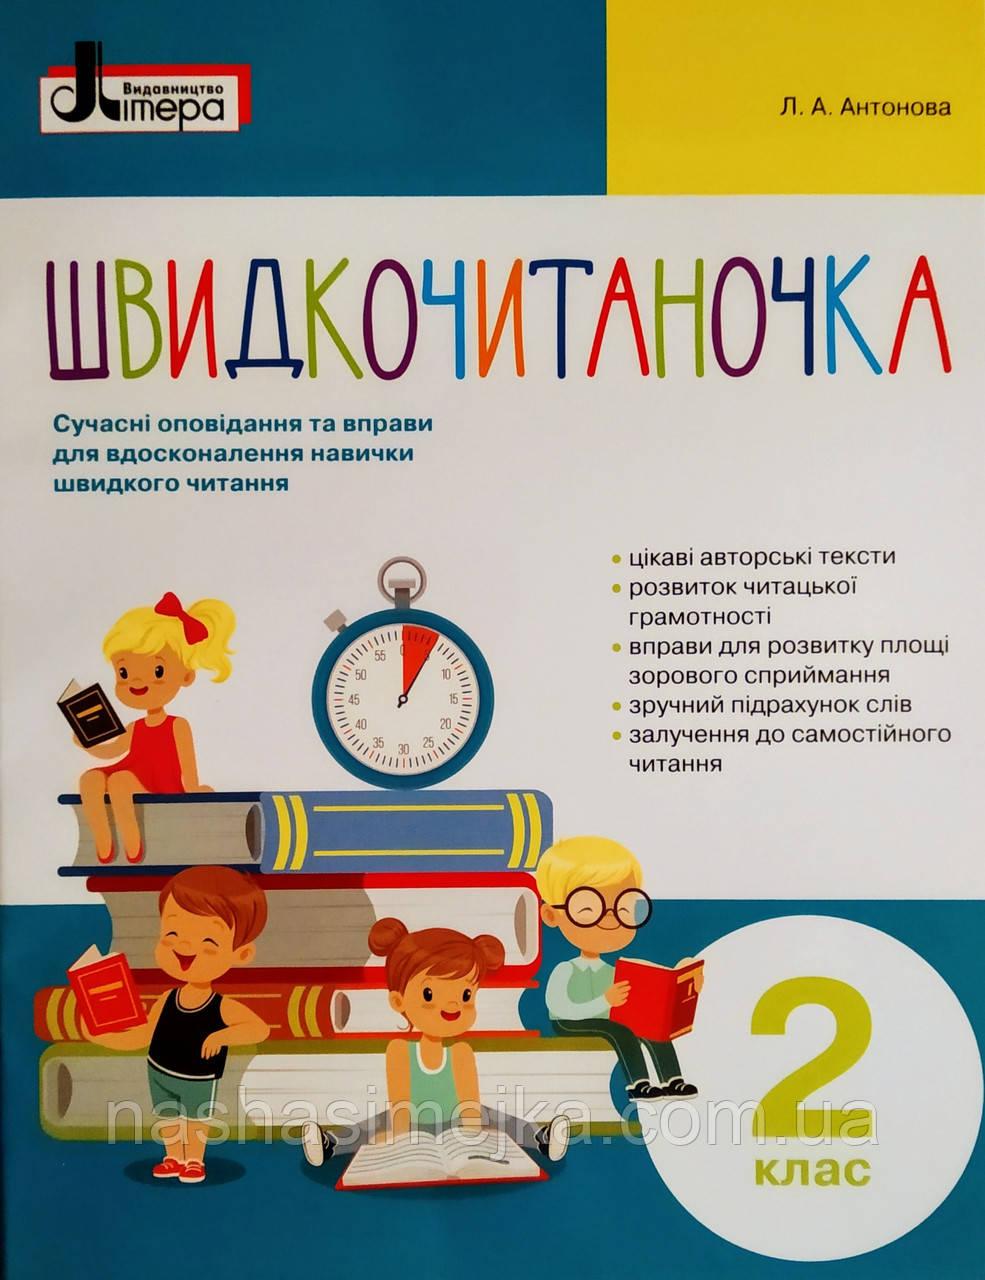 Читання 2 клас. Посібник «Швидкочитаночка». Оновлена програма.